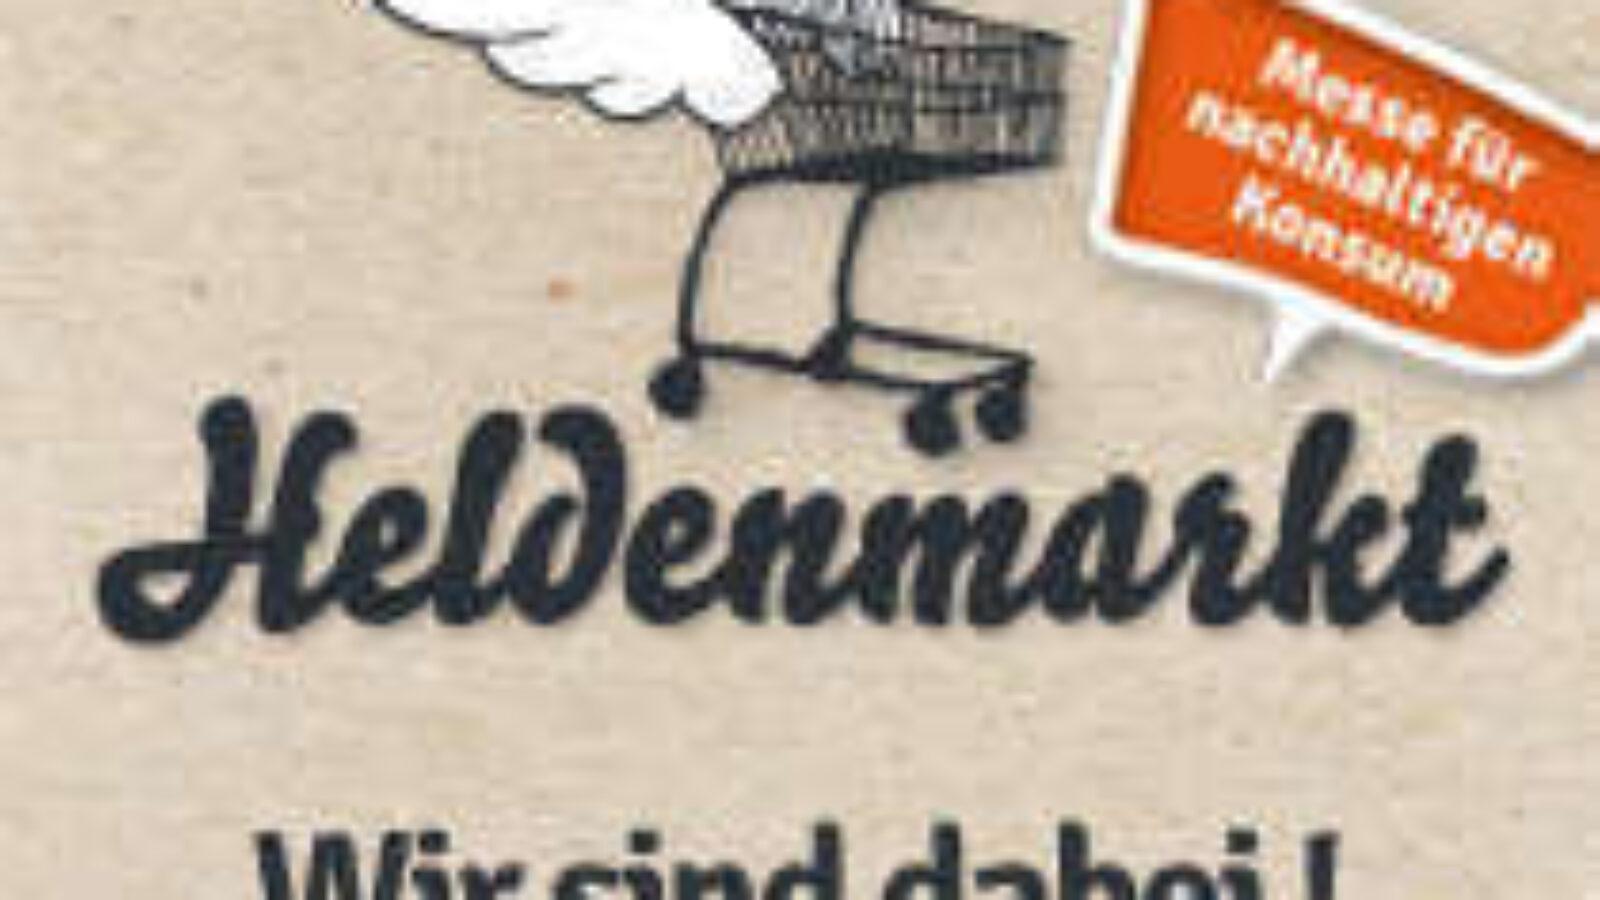 Heldenhaft Shoppen & Schlemmen